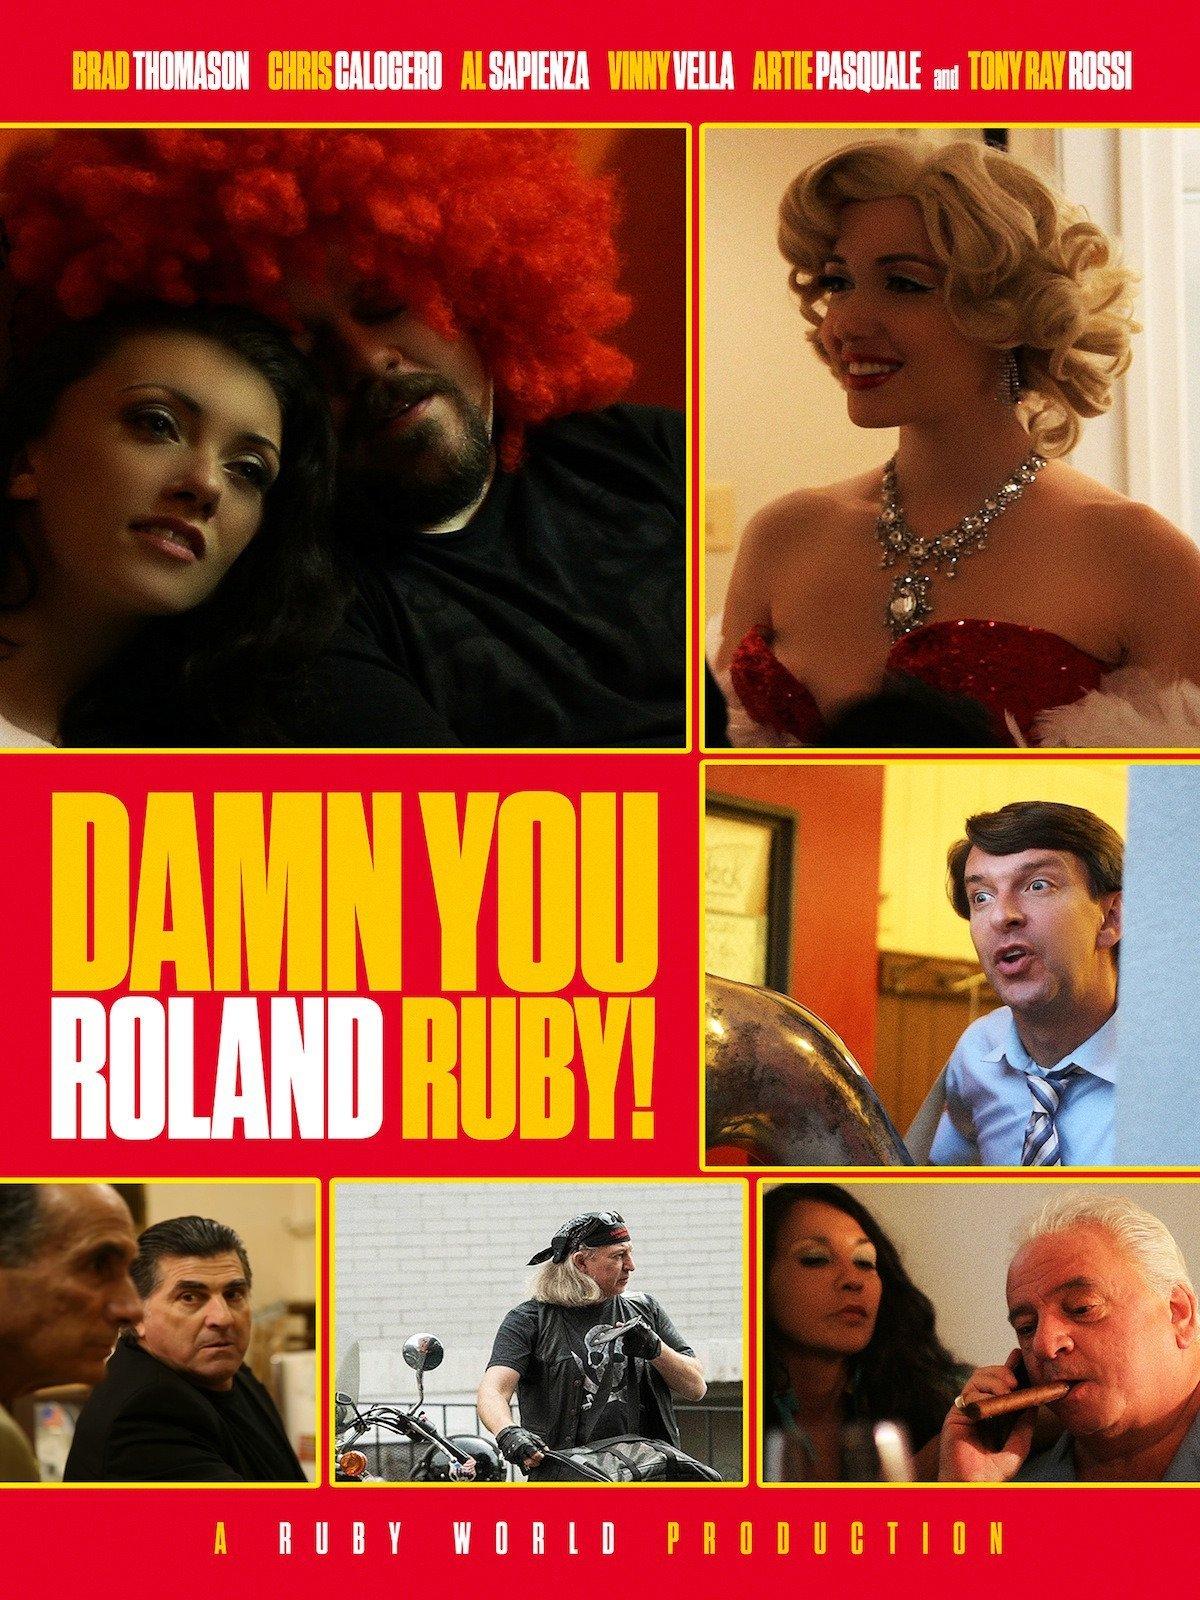 Damn You Roland Ruby!